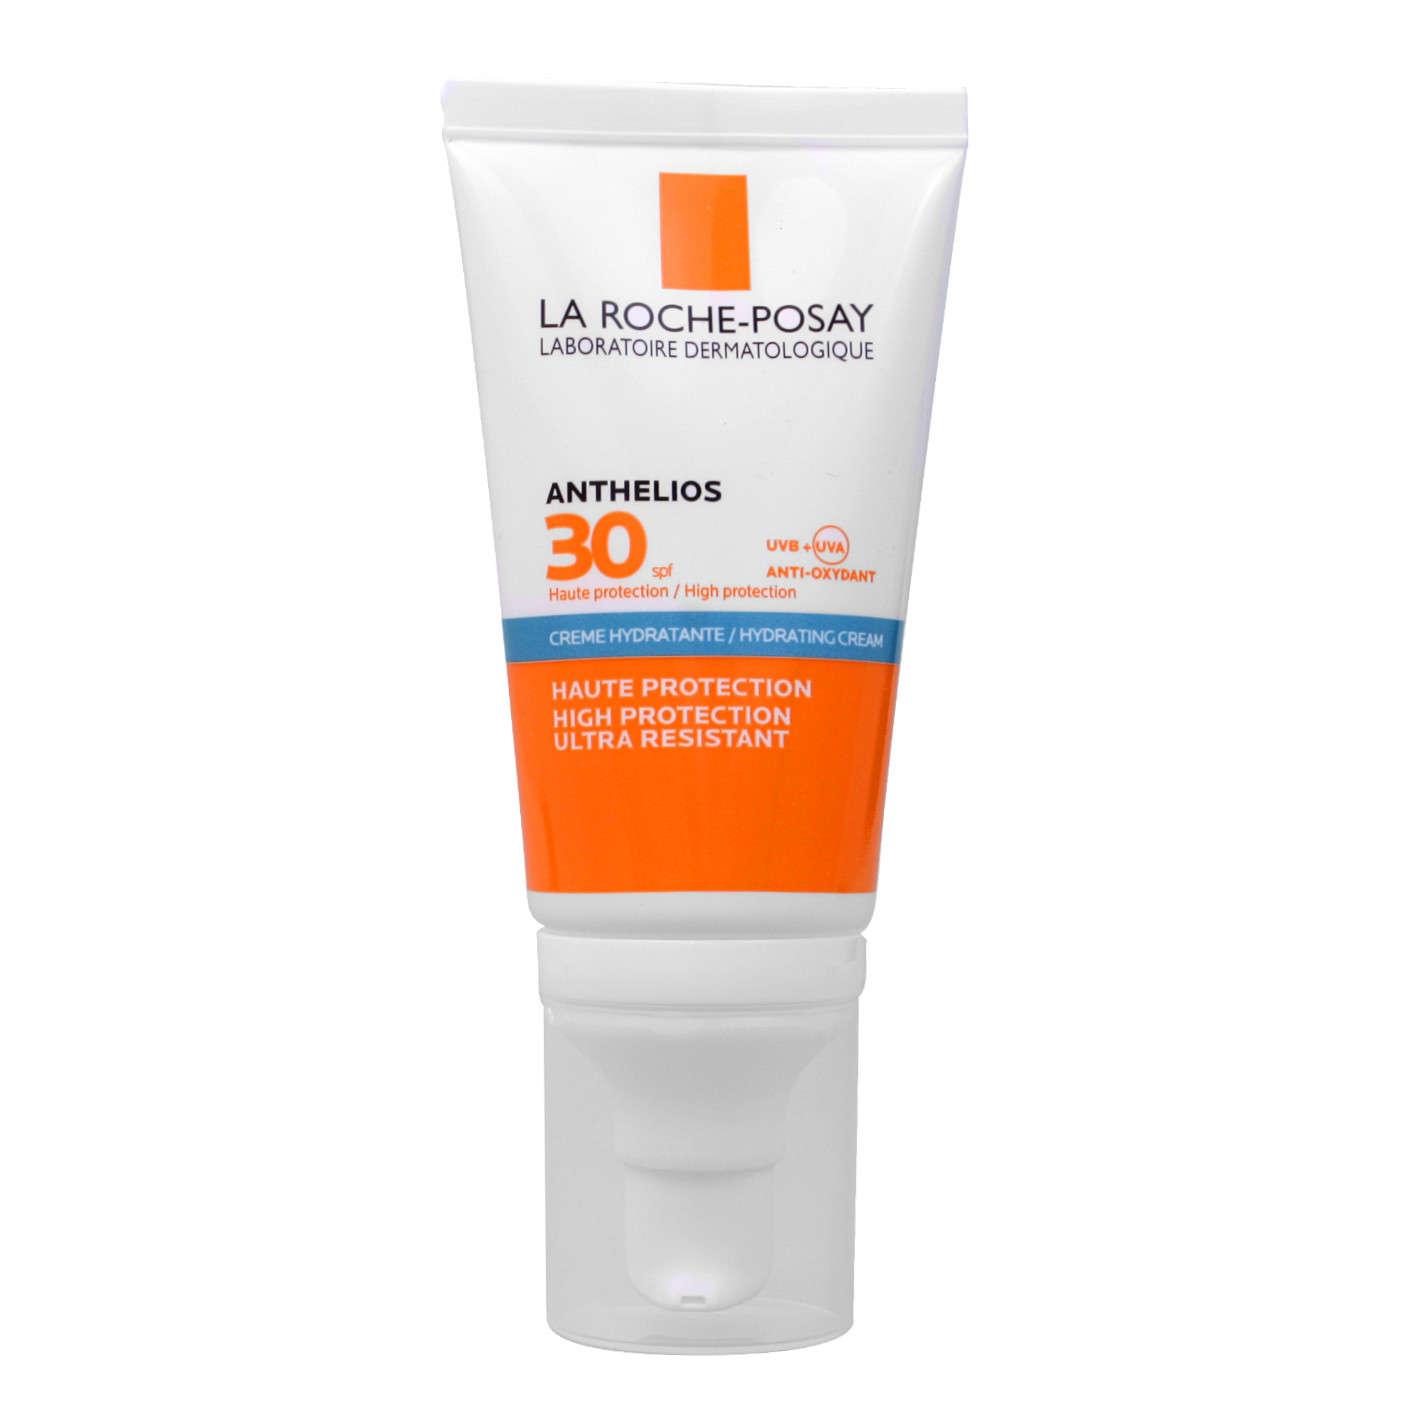 La Roche-posay - Anthelios Ultra - Crema SPF30